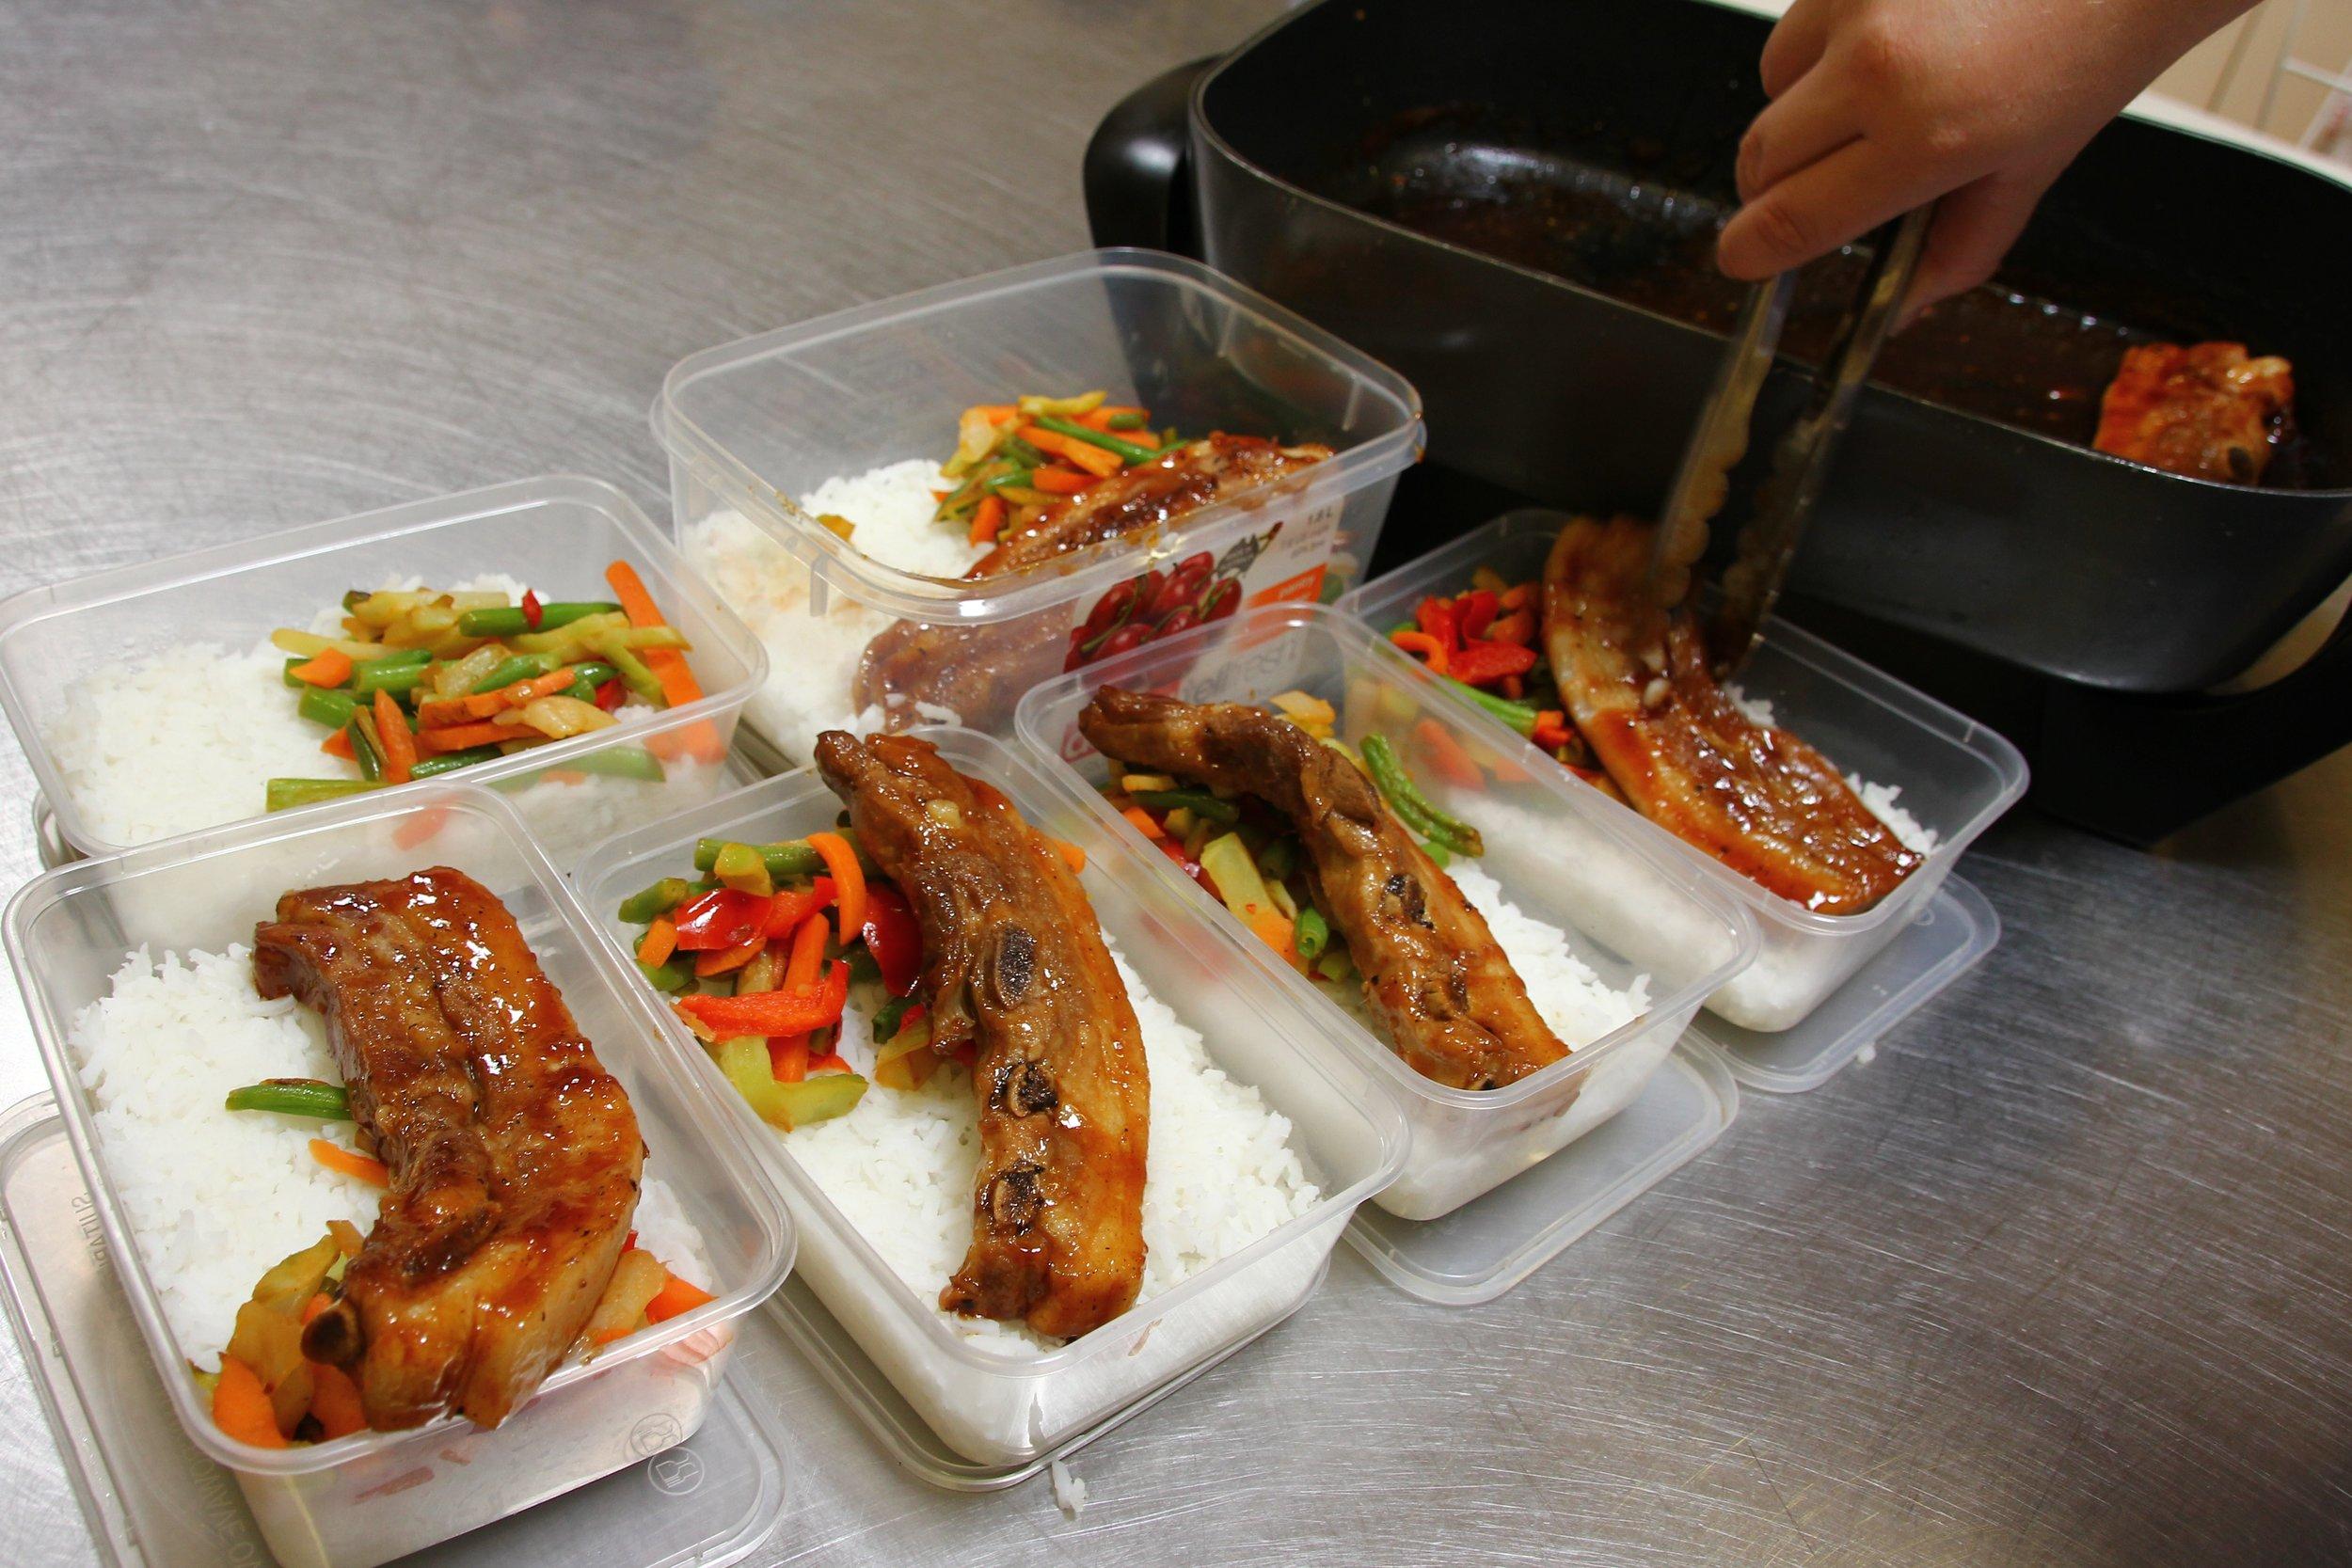 IMG_3149 Cooking.jpg